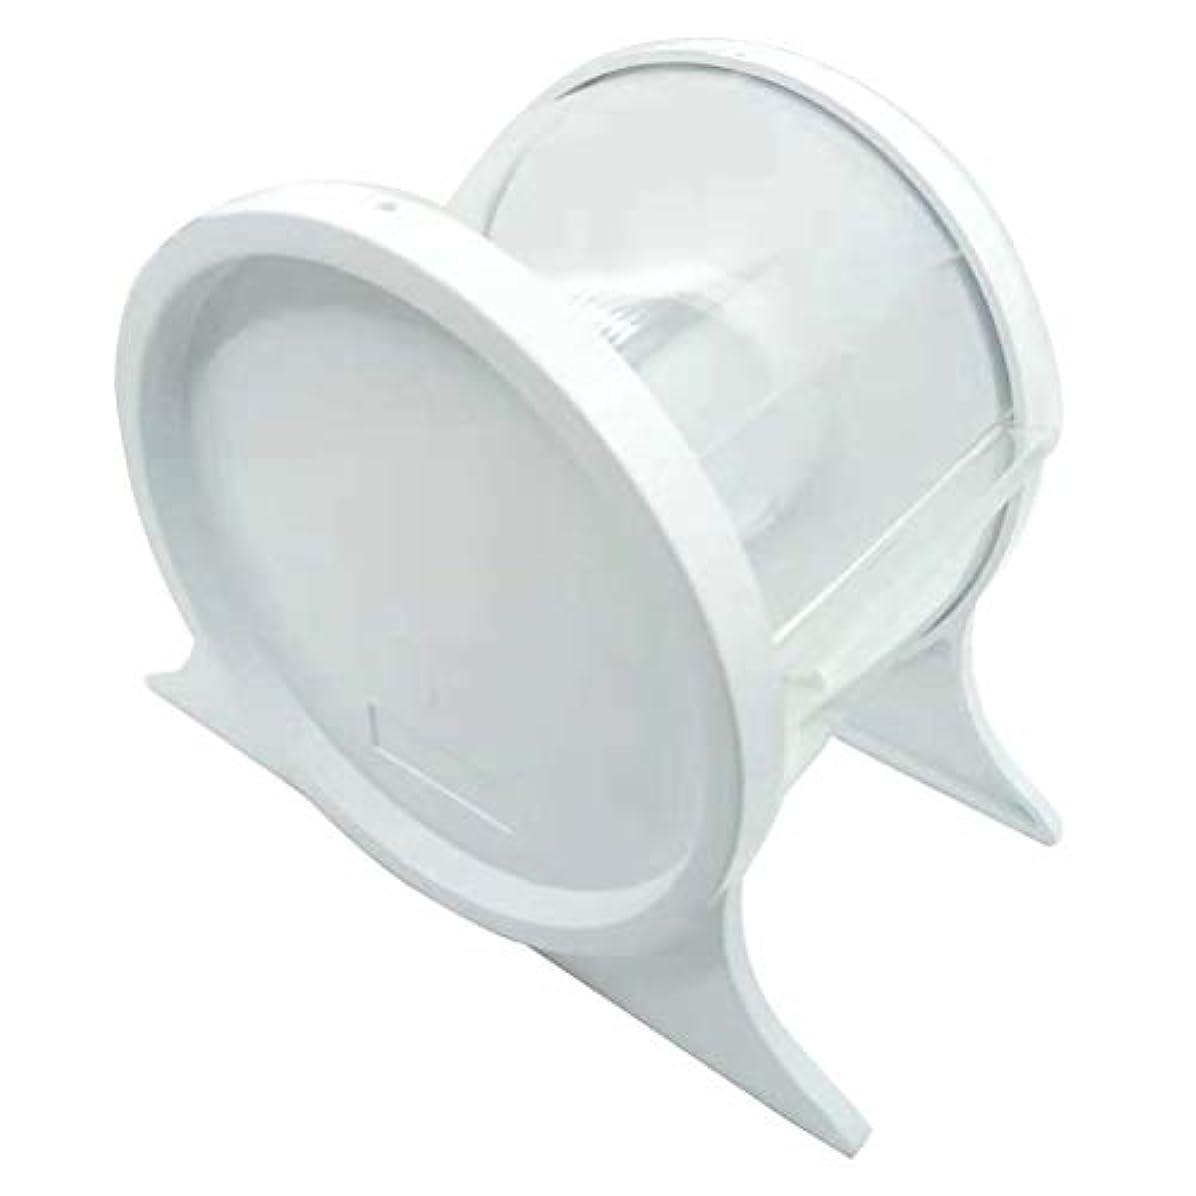 私たちのもの裁判所サイクルHealifty 1ピース使い捨て歯科バリアフィルムディスペンサー保護スタンドホルダーシェルフ歯科ツール(ホワイト)